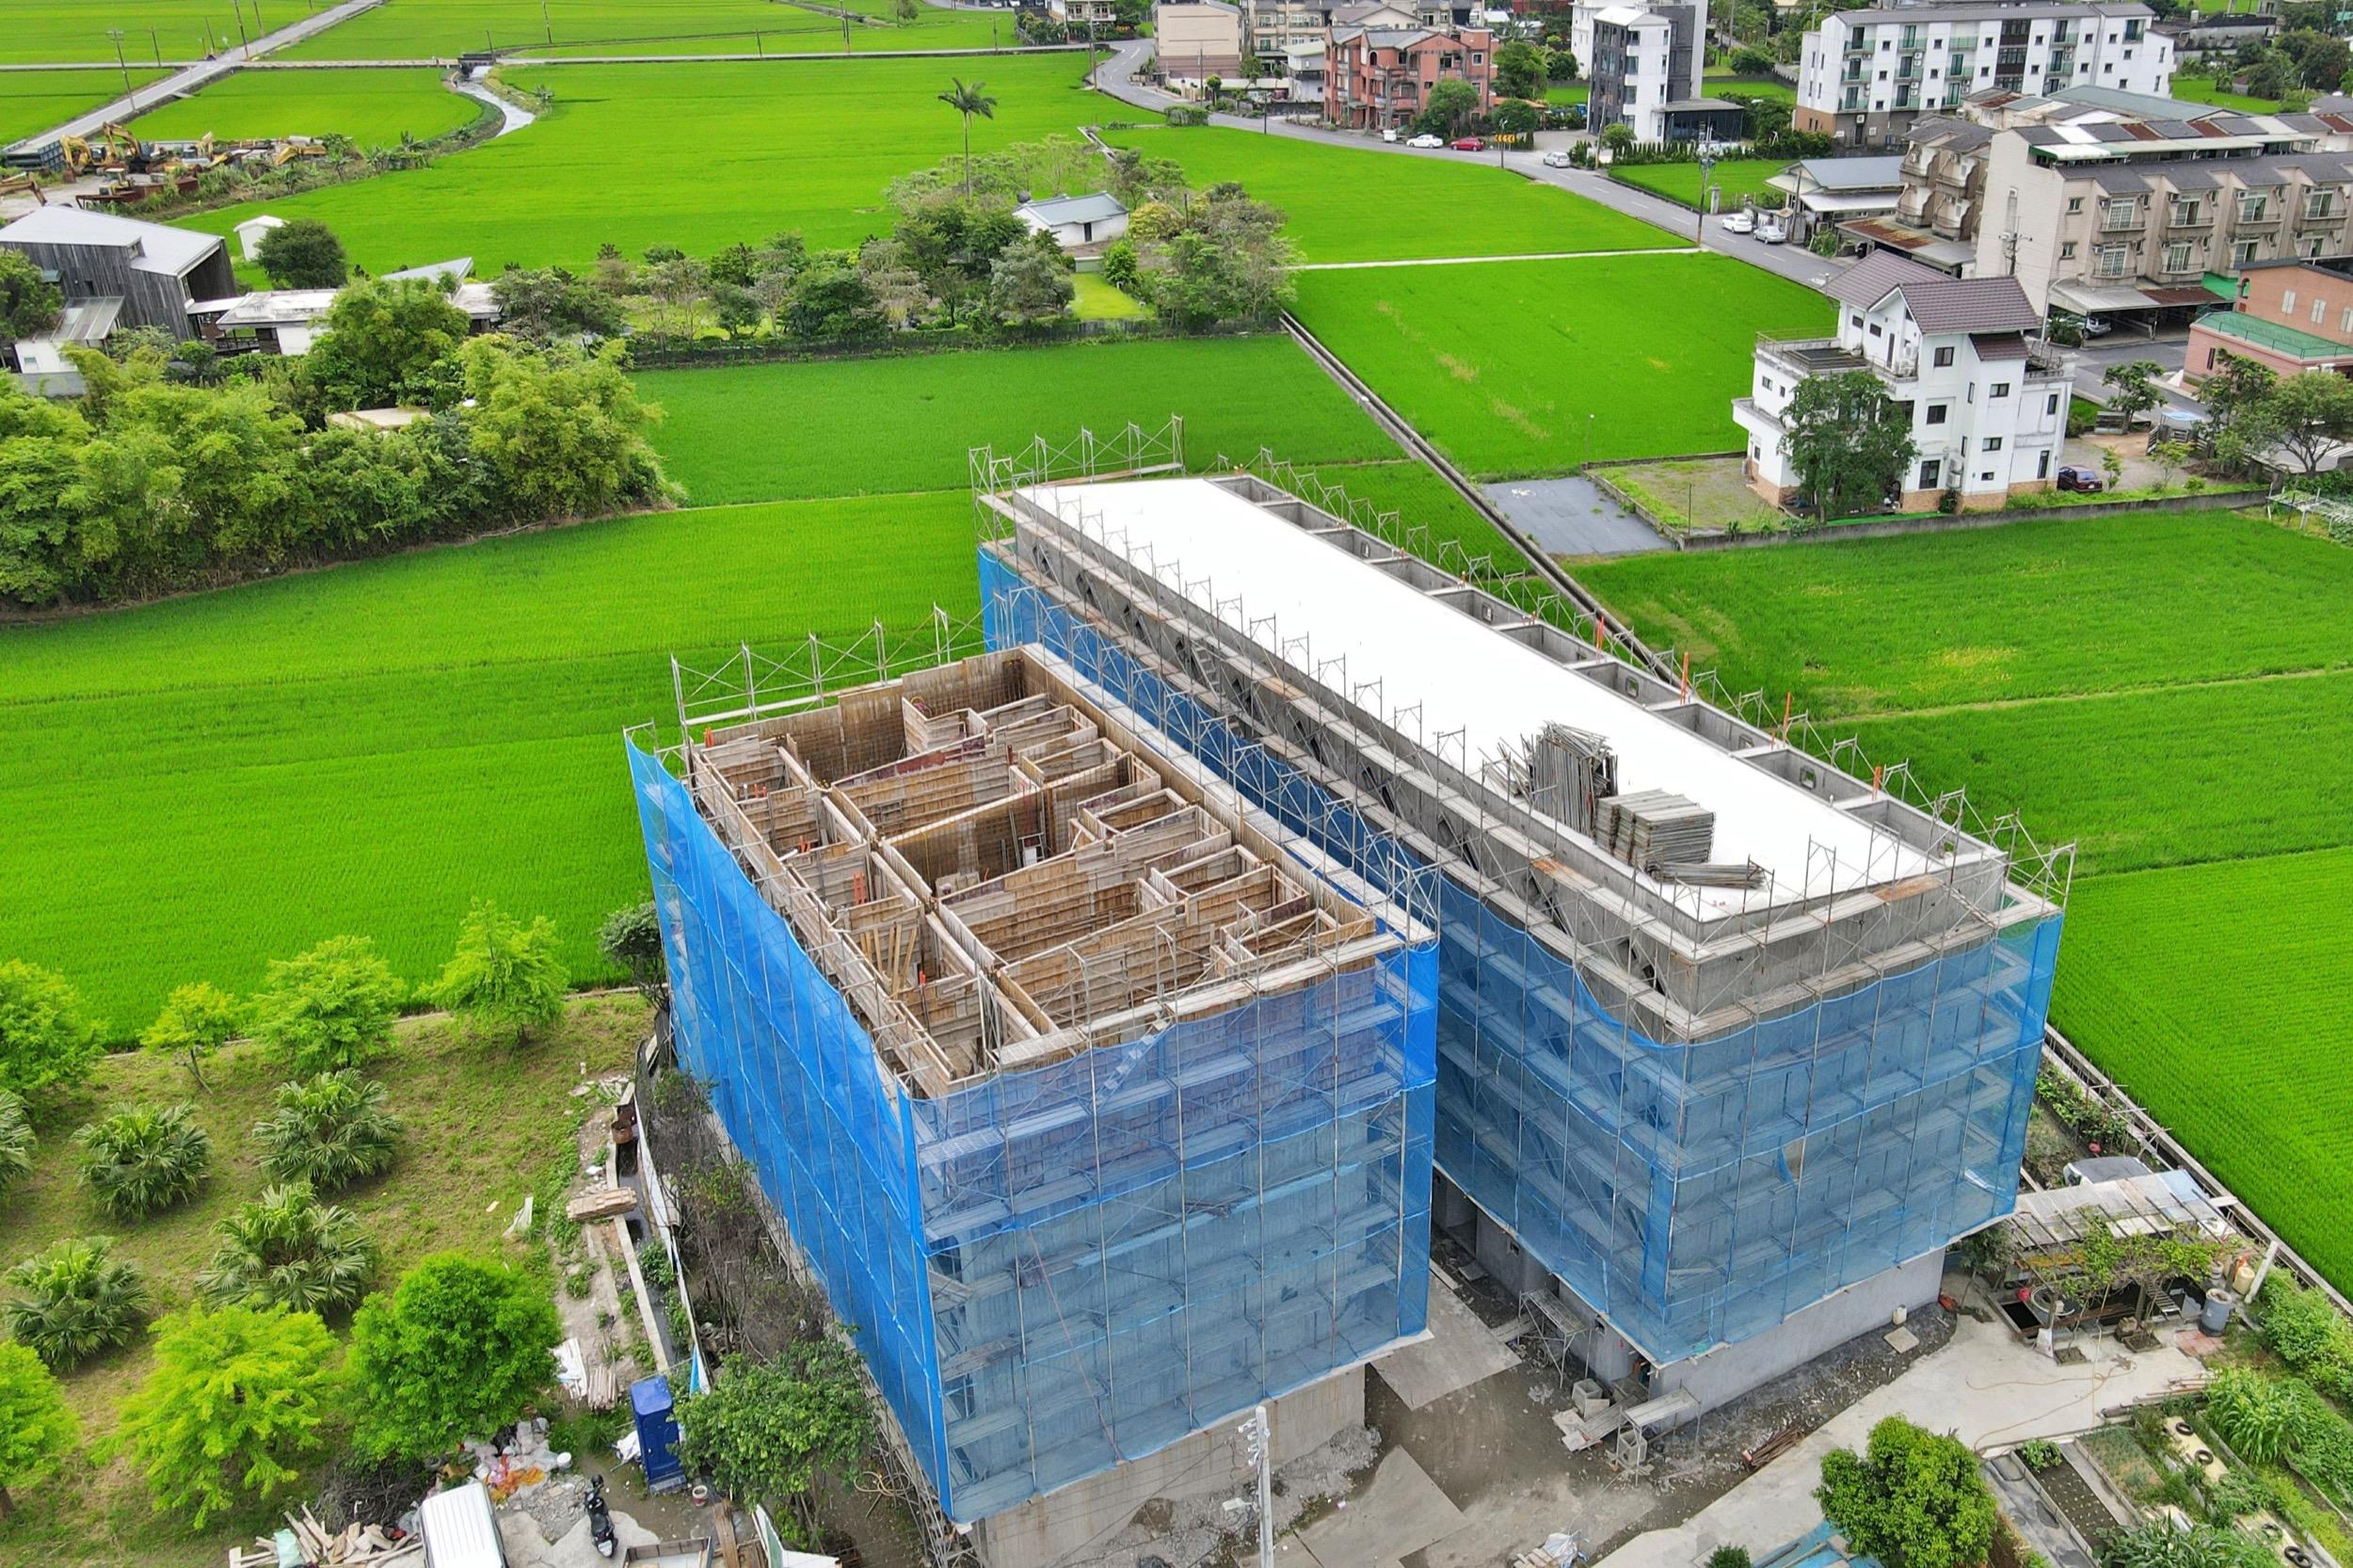 德築-DEZU-project-Zuyin-architecture-real-estate-engineering-1